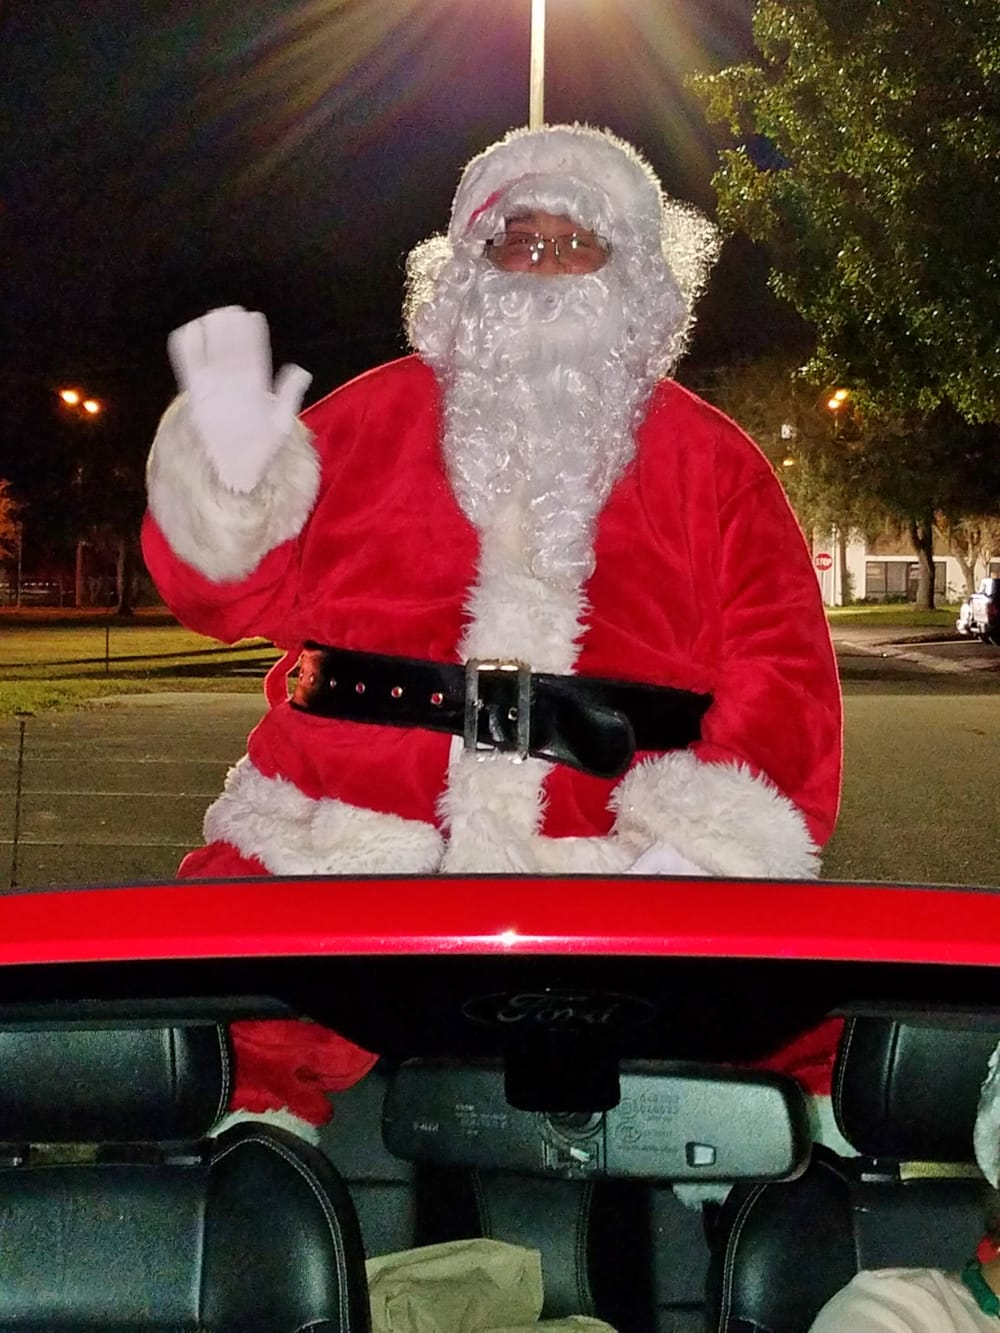 2019-Santa-(1)-w1000.jpg